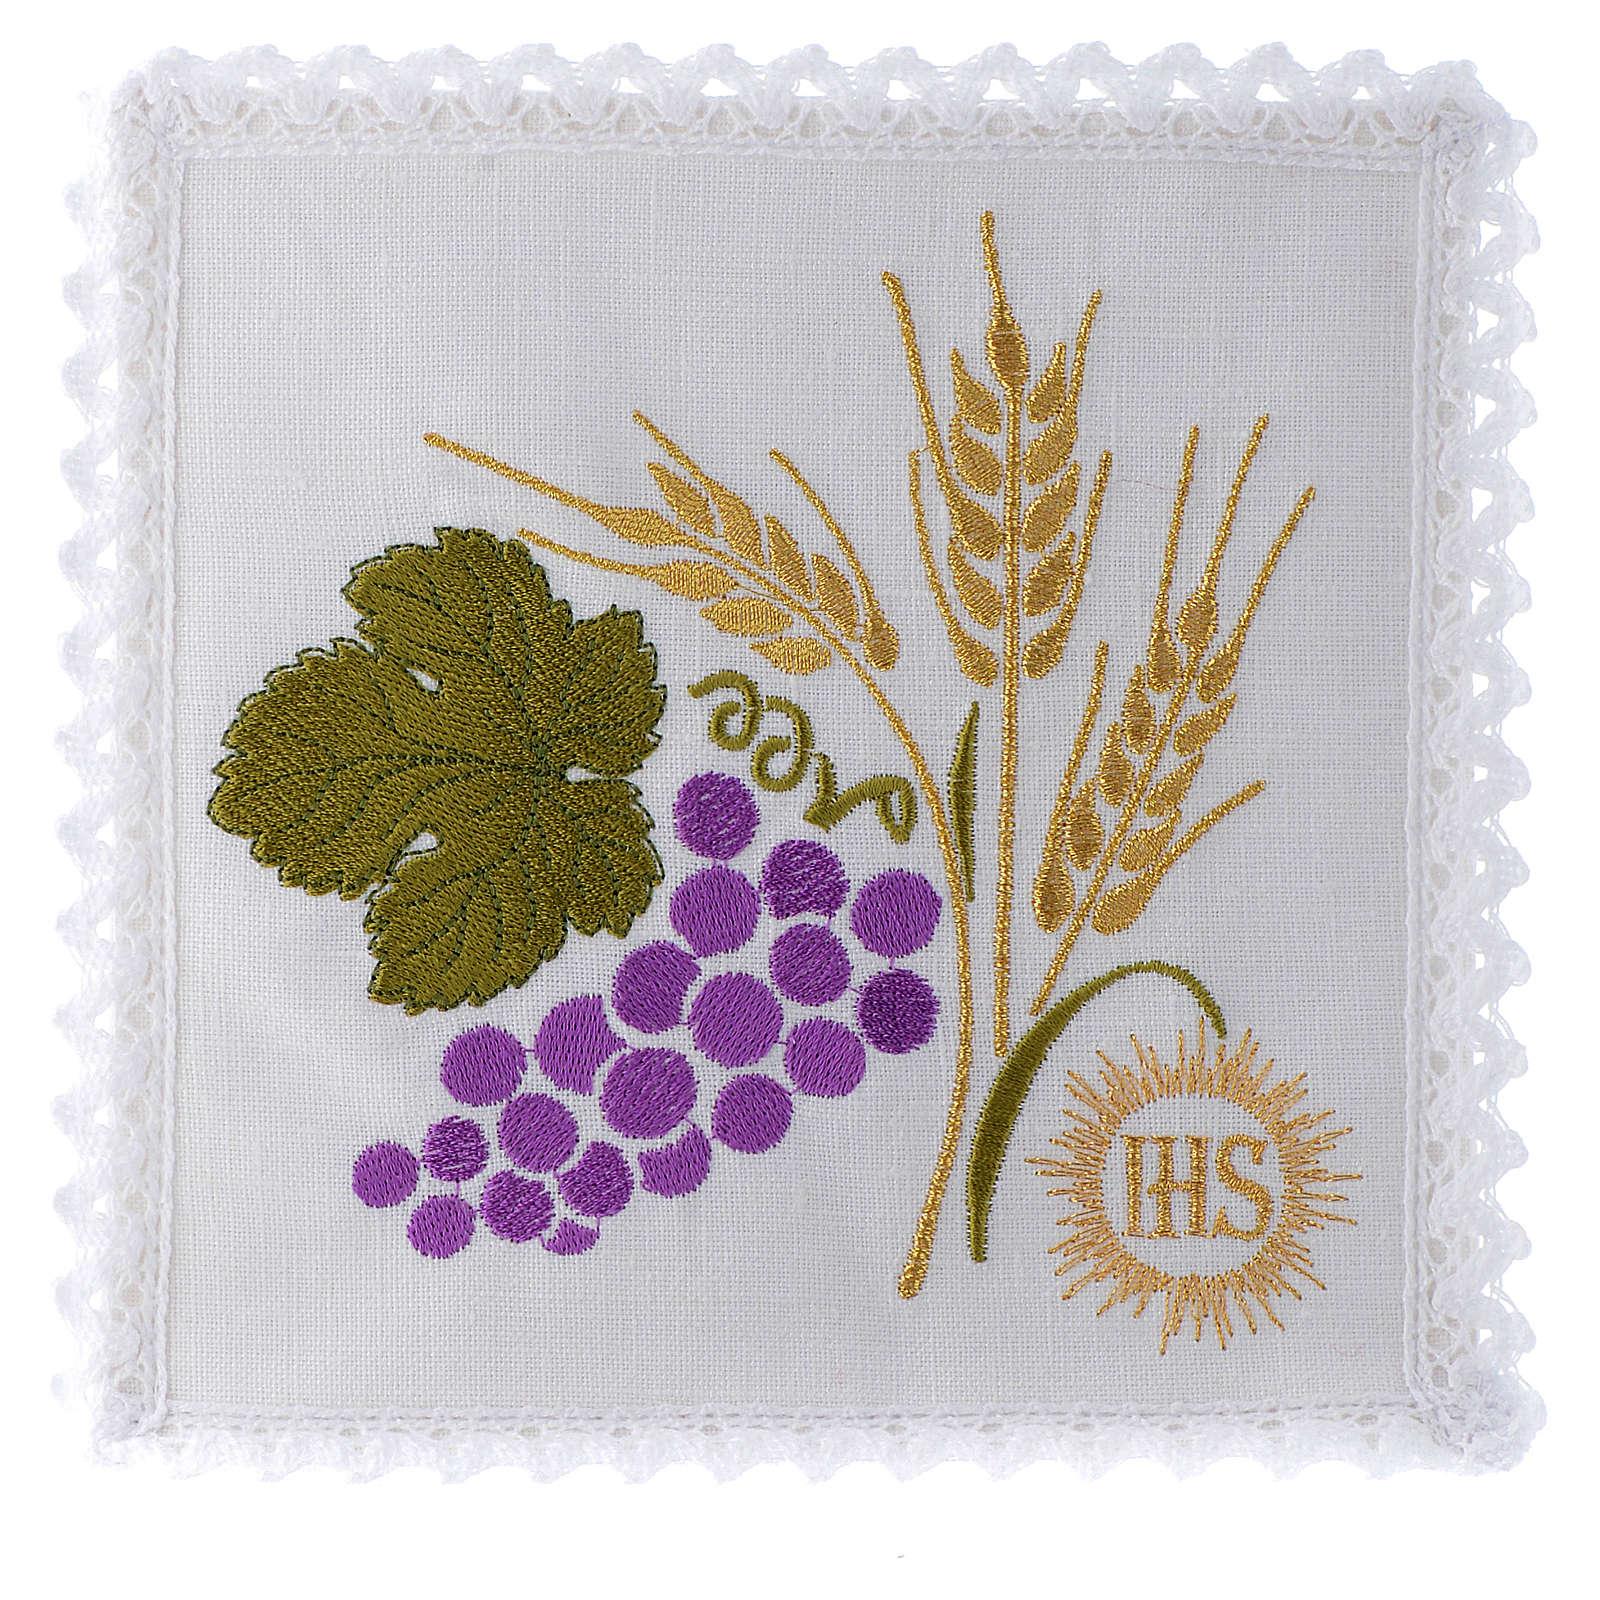 Servizio da altare 100% lino uva spighe 4